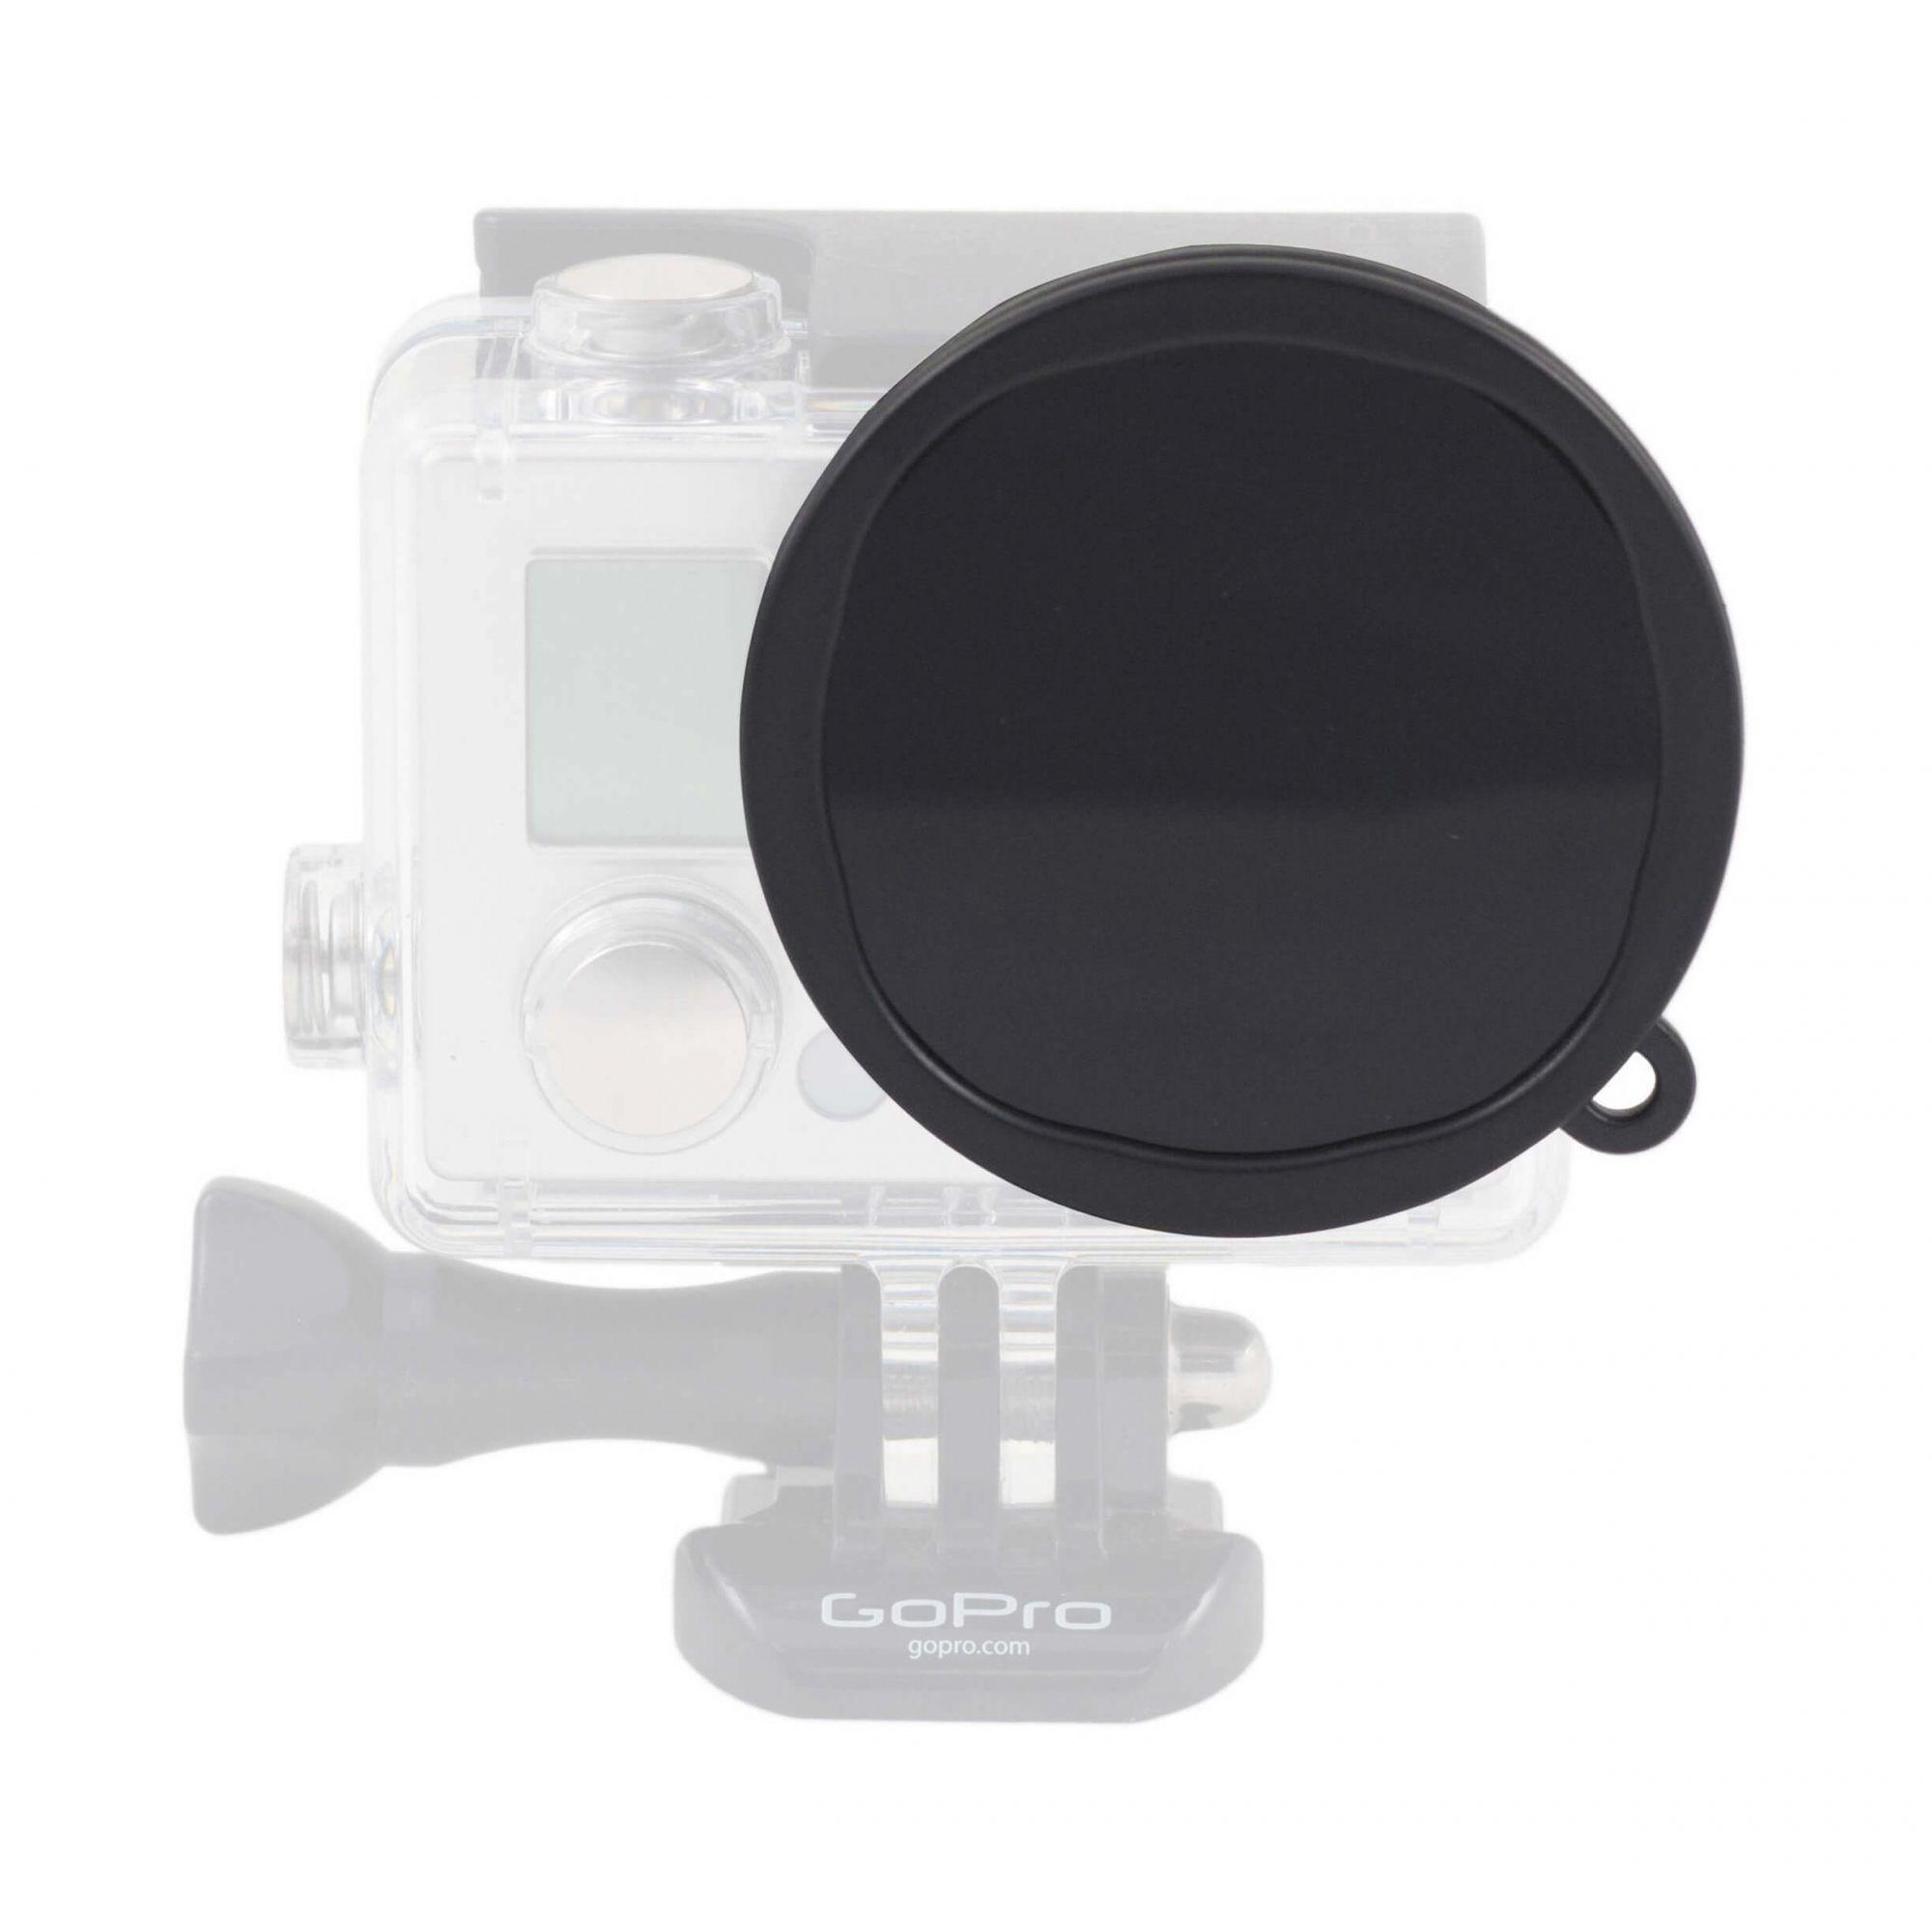 Filtro Densidade Neutra ND PolarPro Para Câmera GoPro HERO4 E HERO3+ - P1004